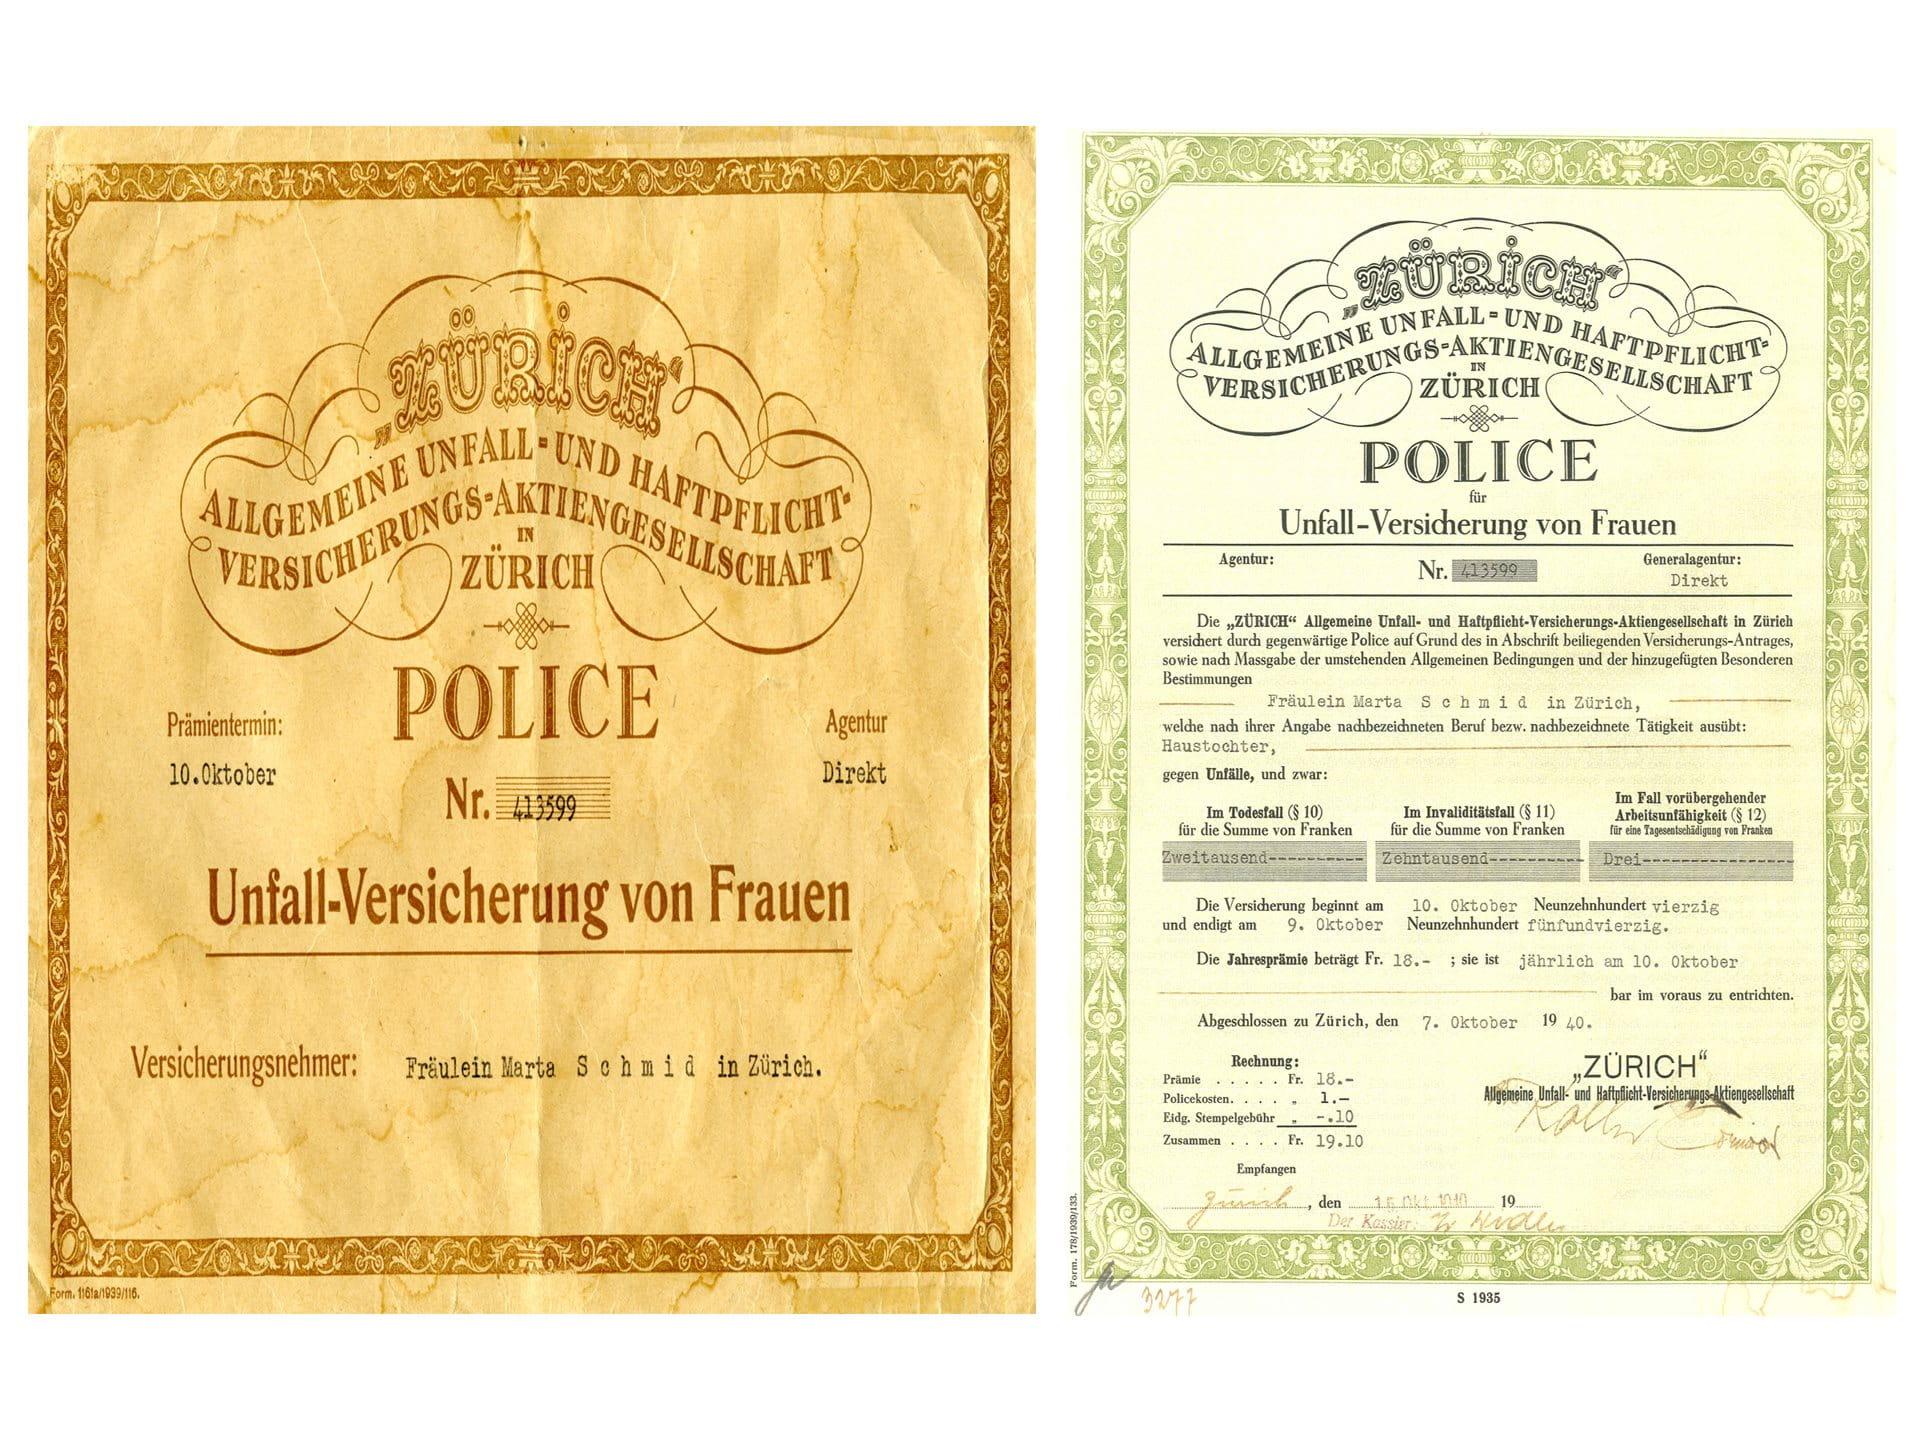 1935: Assicurazione contro gli infortuni per le donne